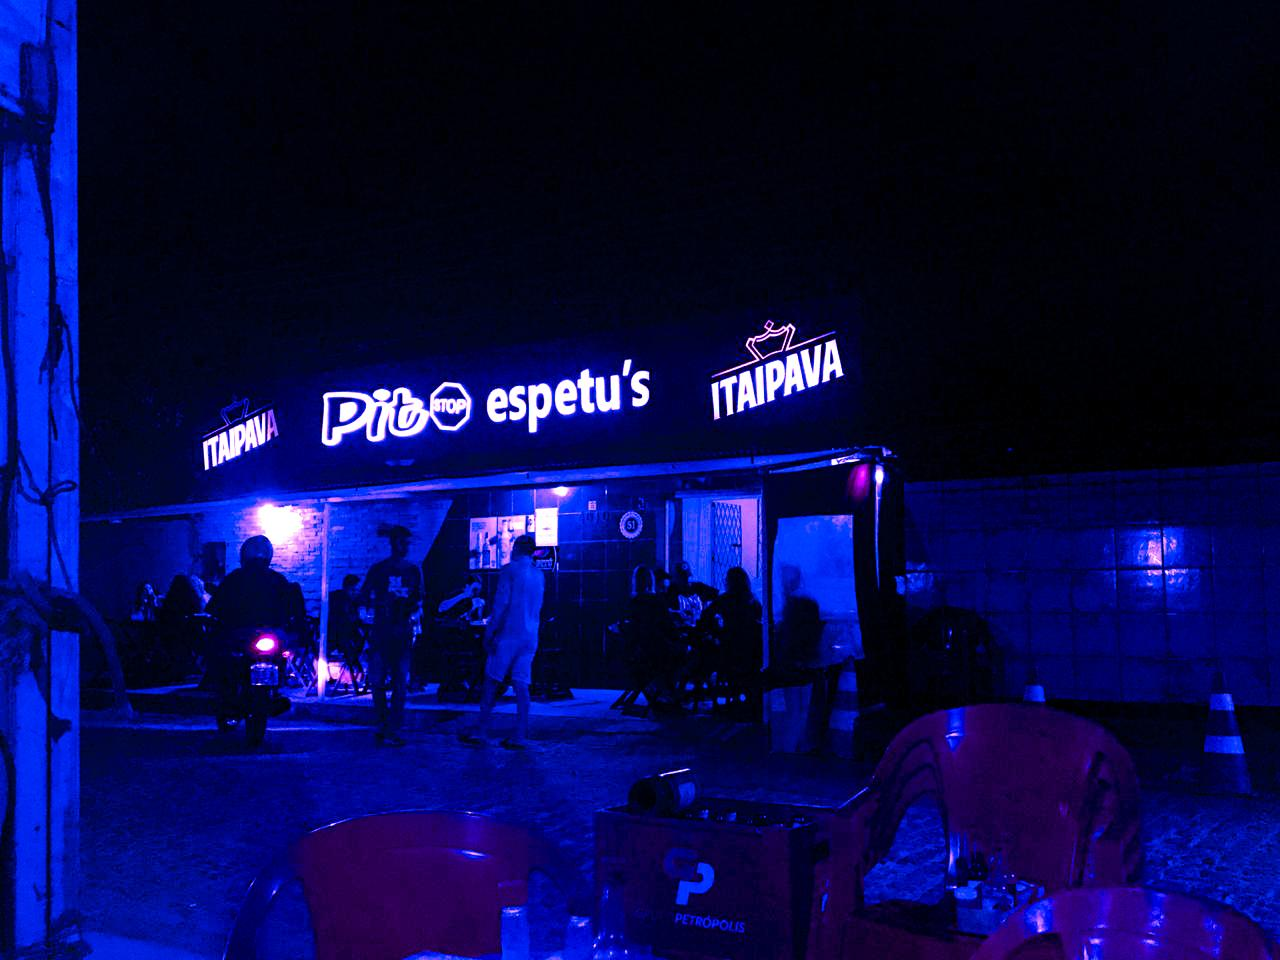 No Pit Stop espetu's a maioria das mesas ficam fora do bar. Foto: Maryana Teles/Coletivo f8